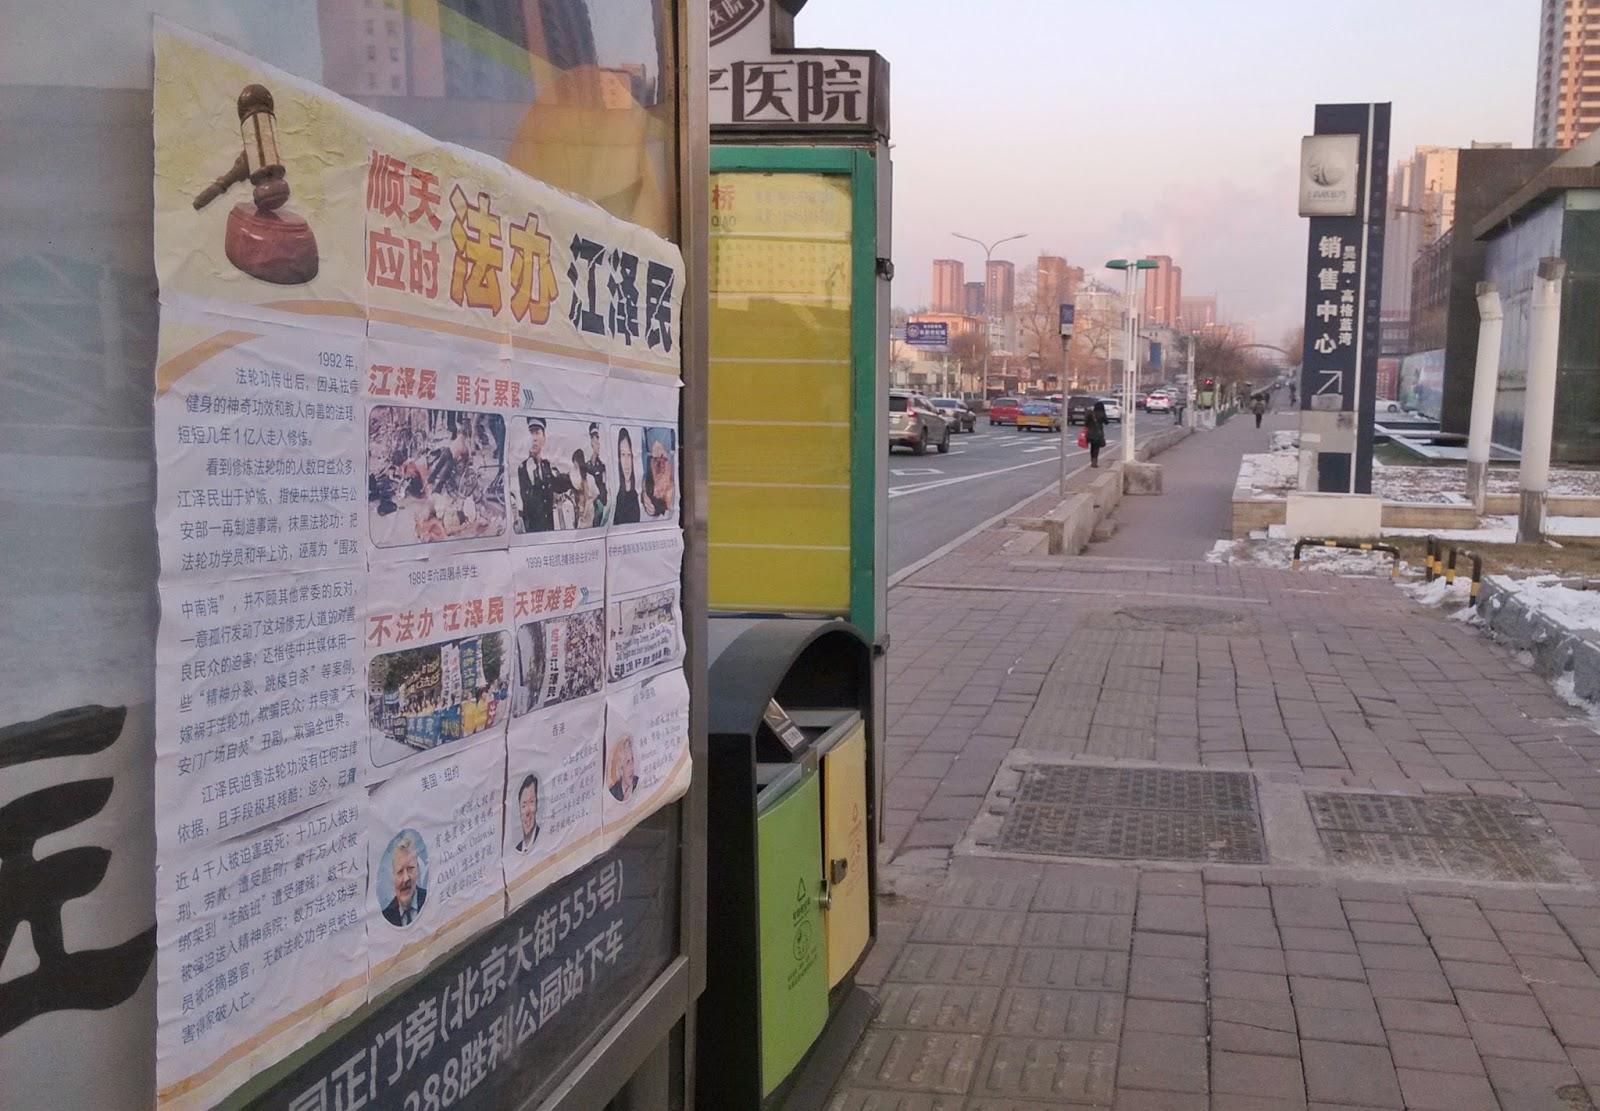 2015-11-28-minghui-changchun-sujiang-posters-10.jpg